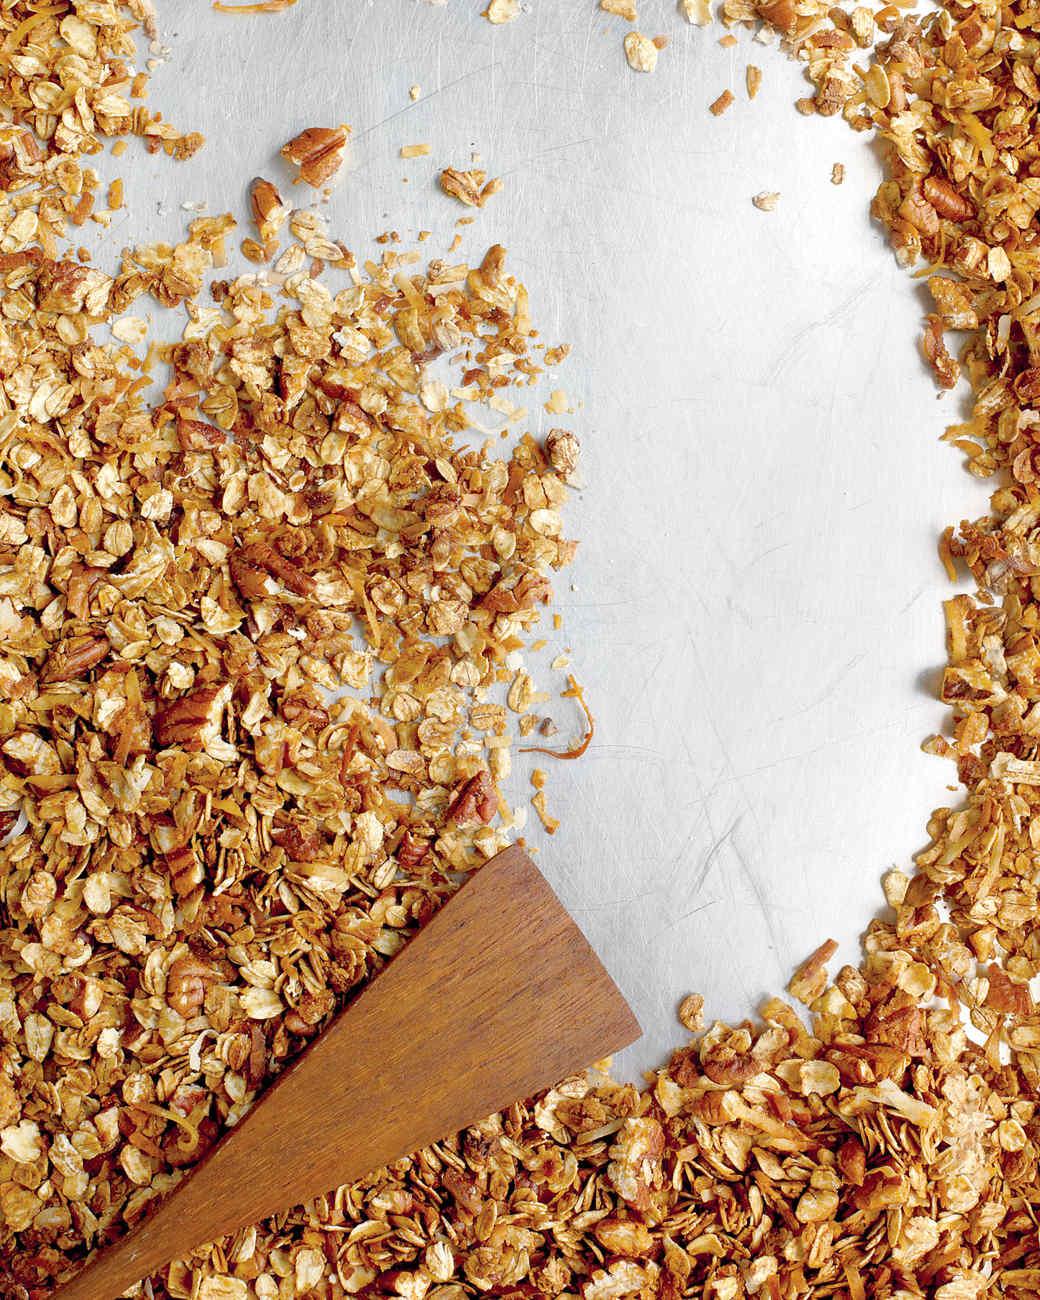 pecan-molasses-granola-med107484.jpg